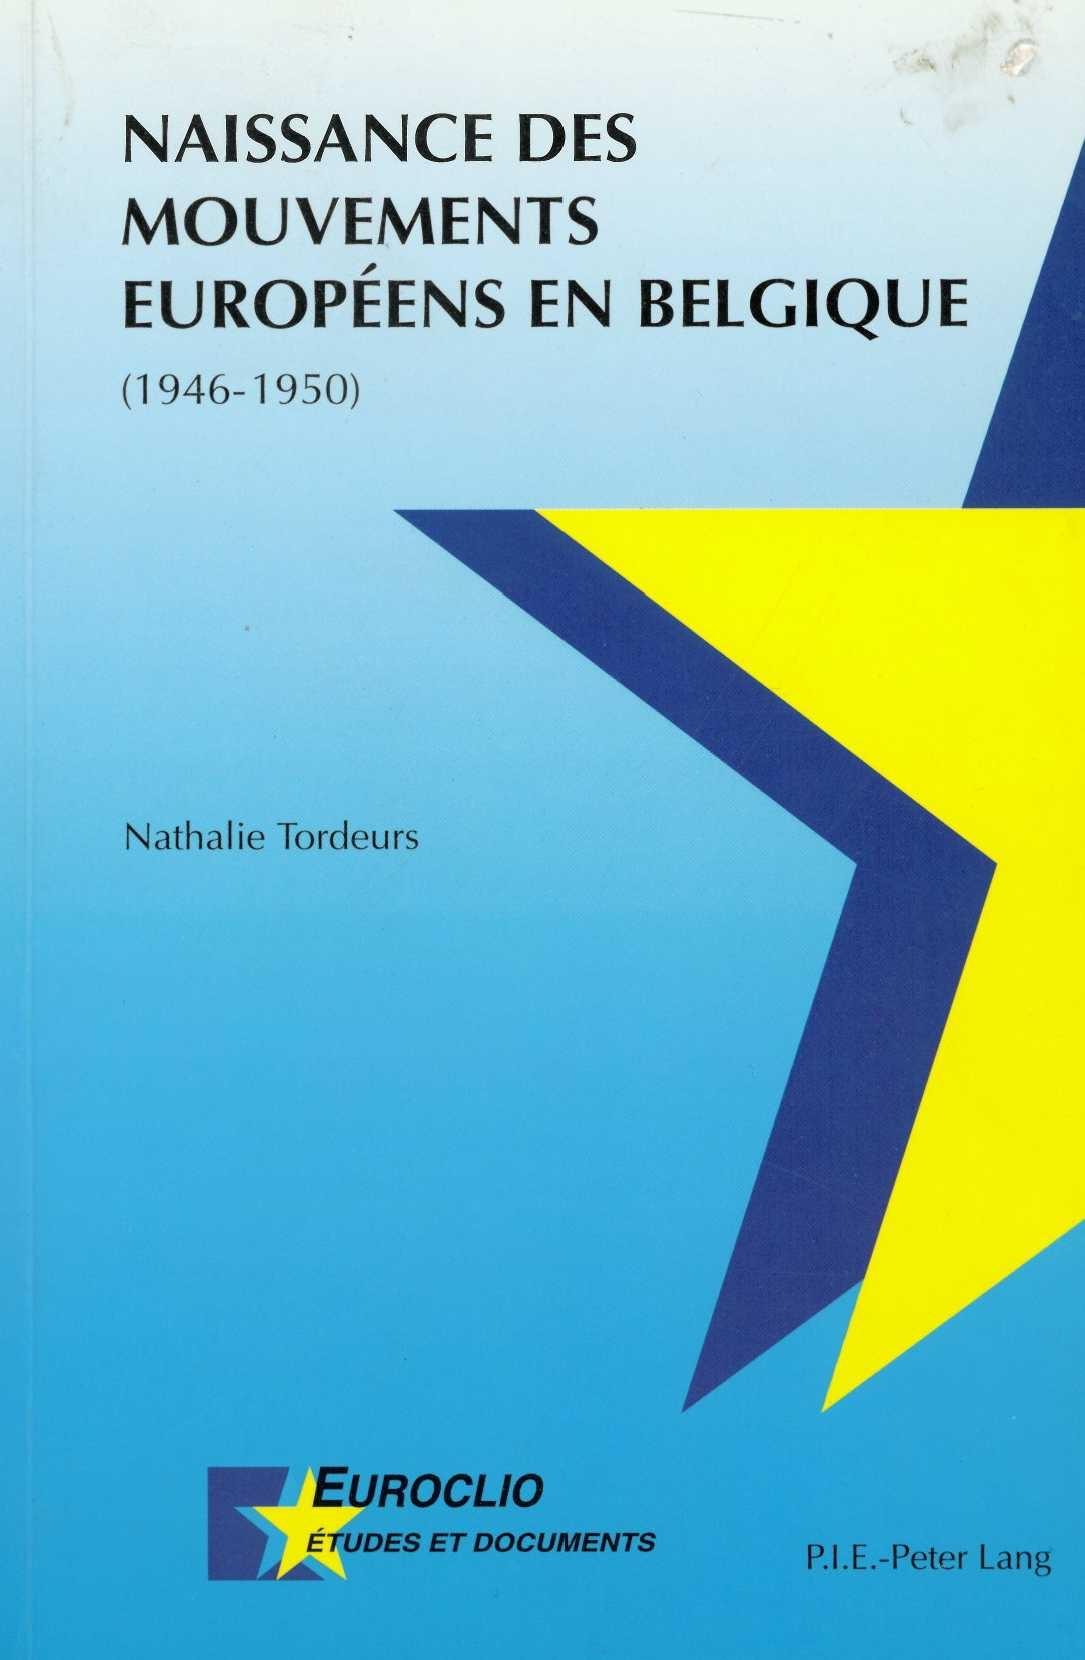 NAISSANCE DES MOUVEMENTS EUROPEENS EN BELGIQUE (1946-1950)